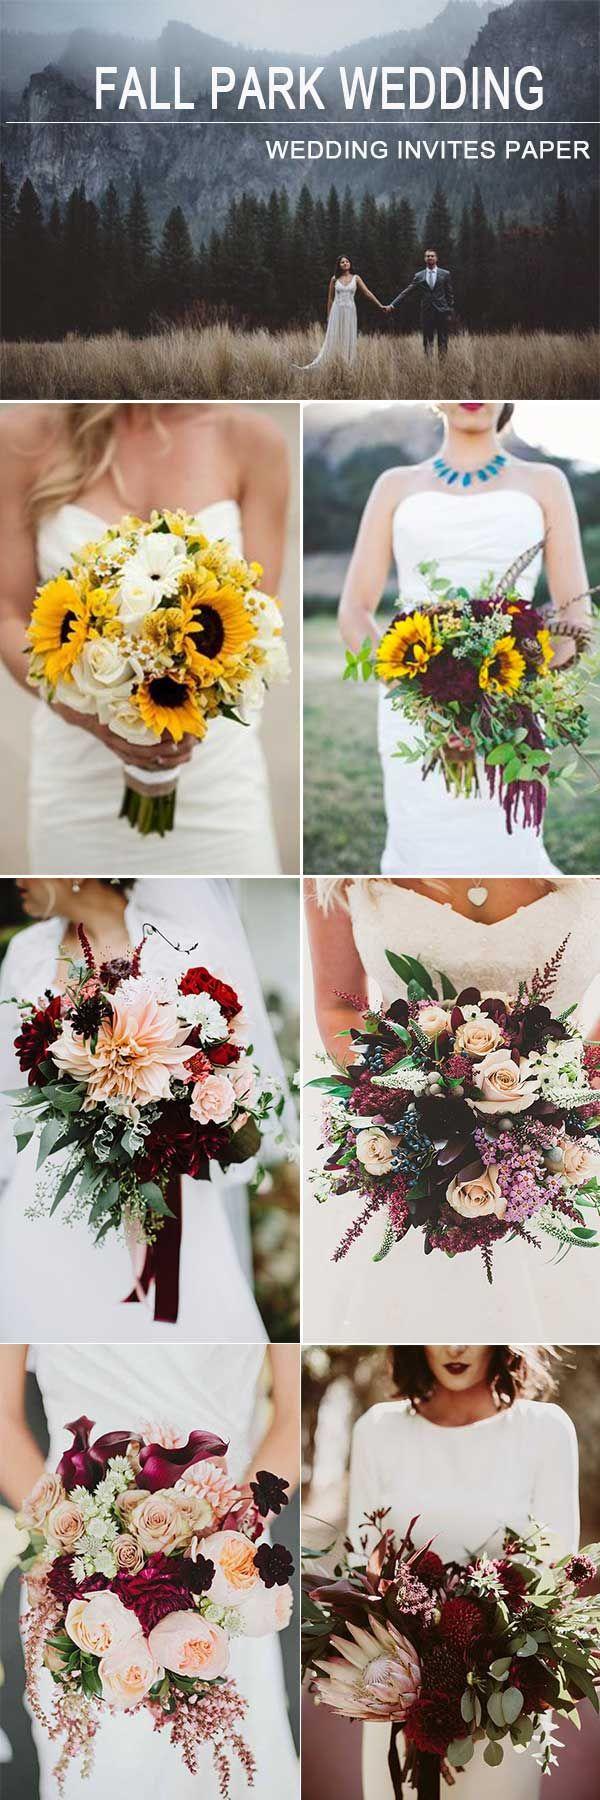 UNDER 2000$ WEDDING: OUTDOOR PARK FALL WEDDING IN 2018 - Wedding Invites Paper burgundy wedding bouquet/ outdoor wedding/ sunflower wedding bouquet/ dusty pink wedding bouquet